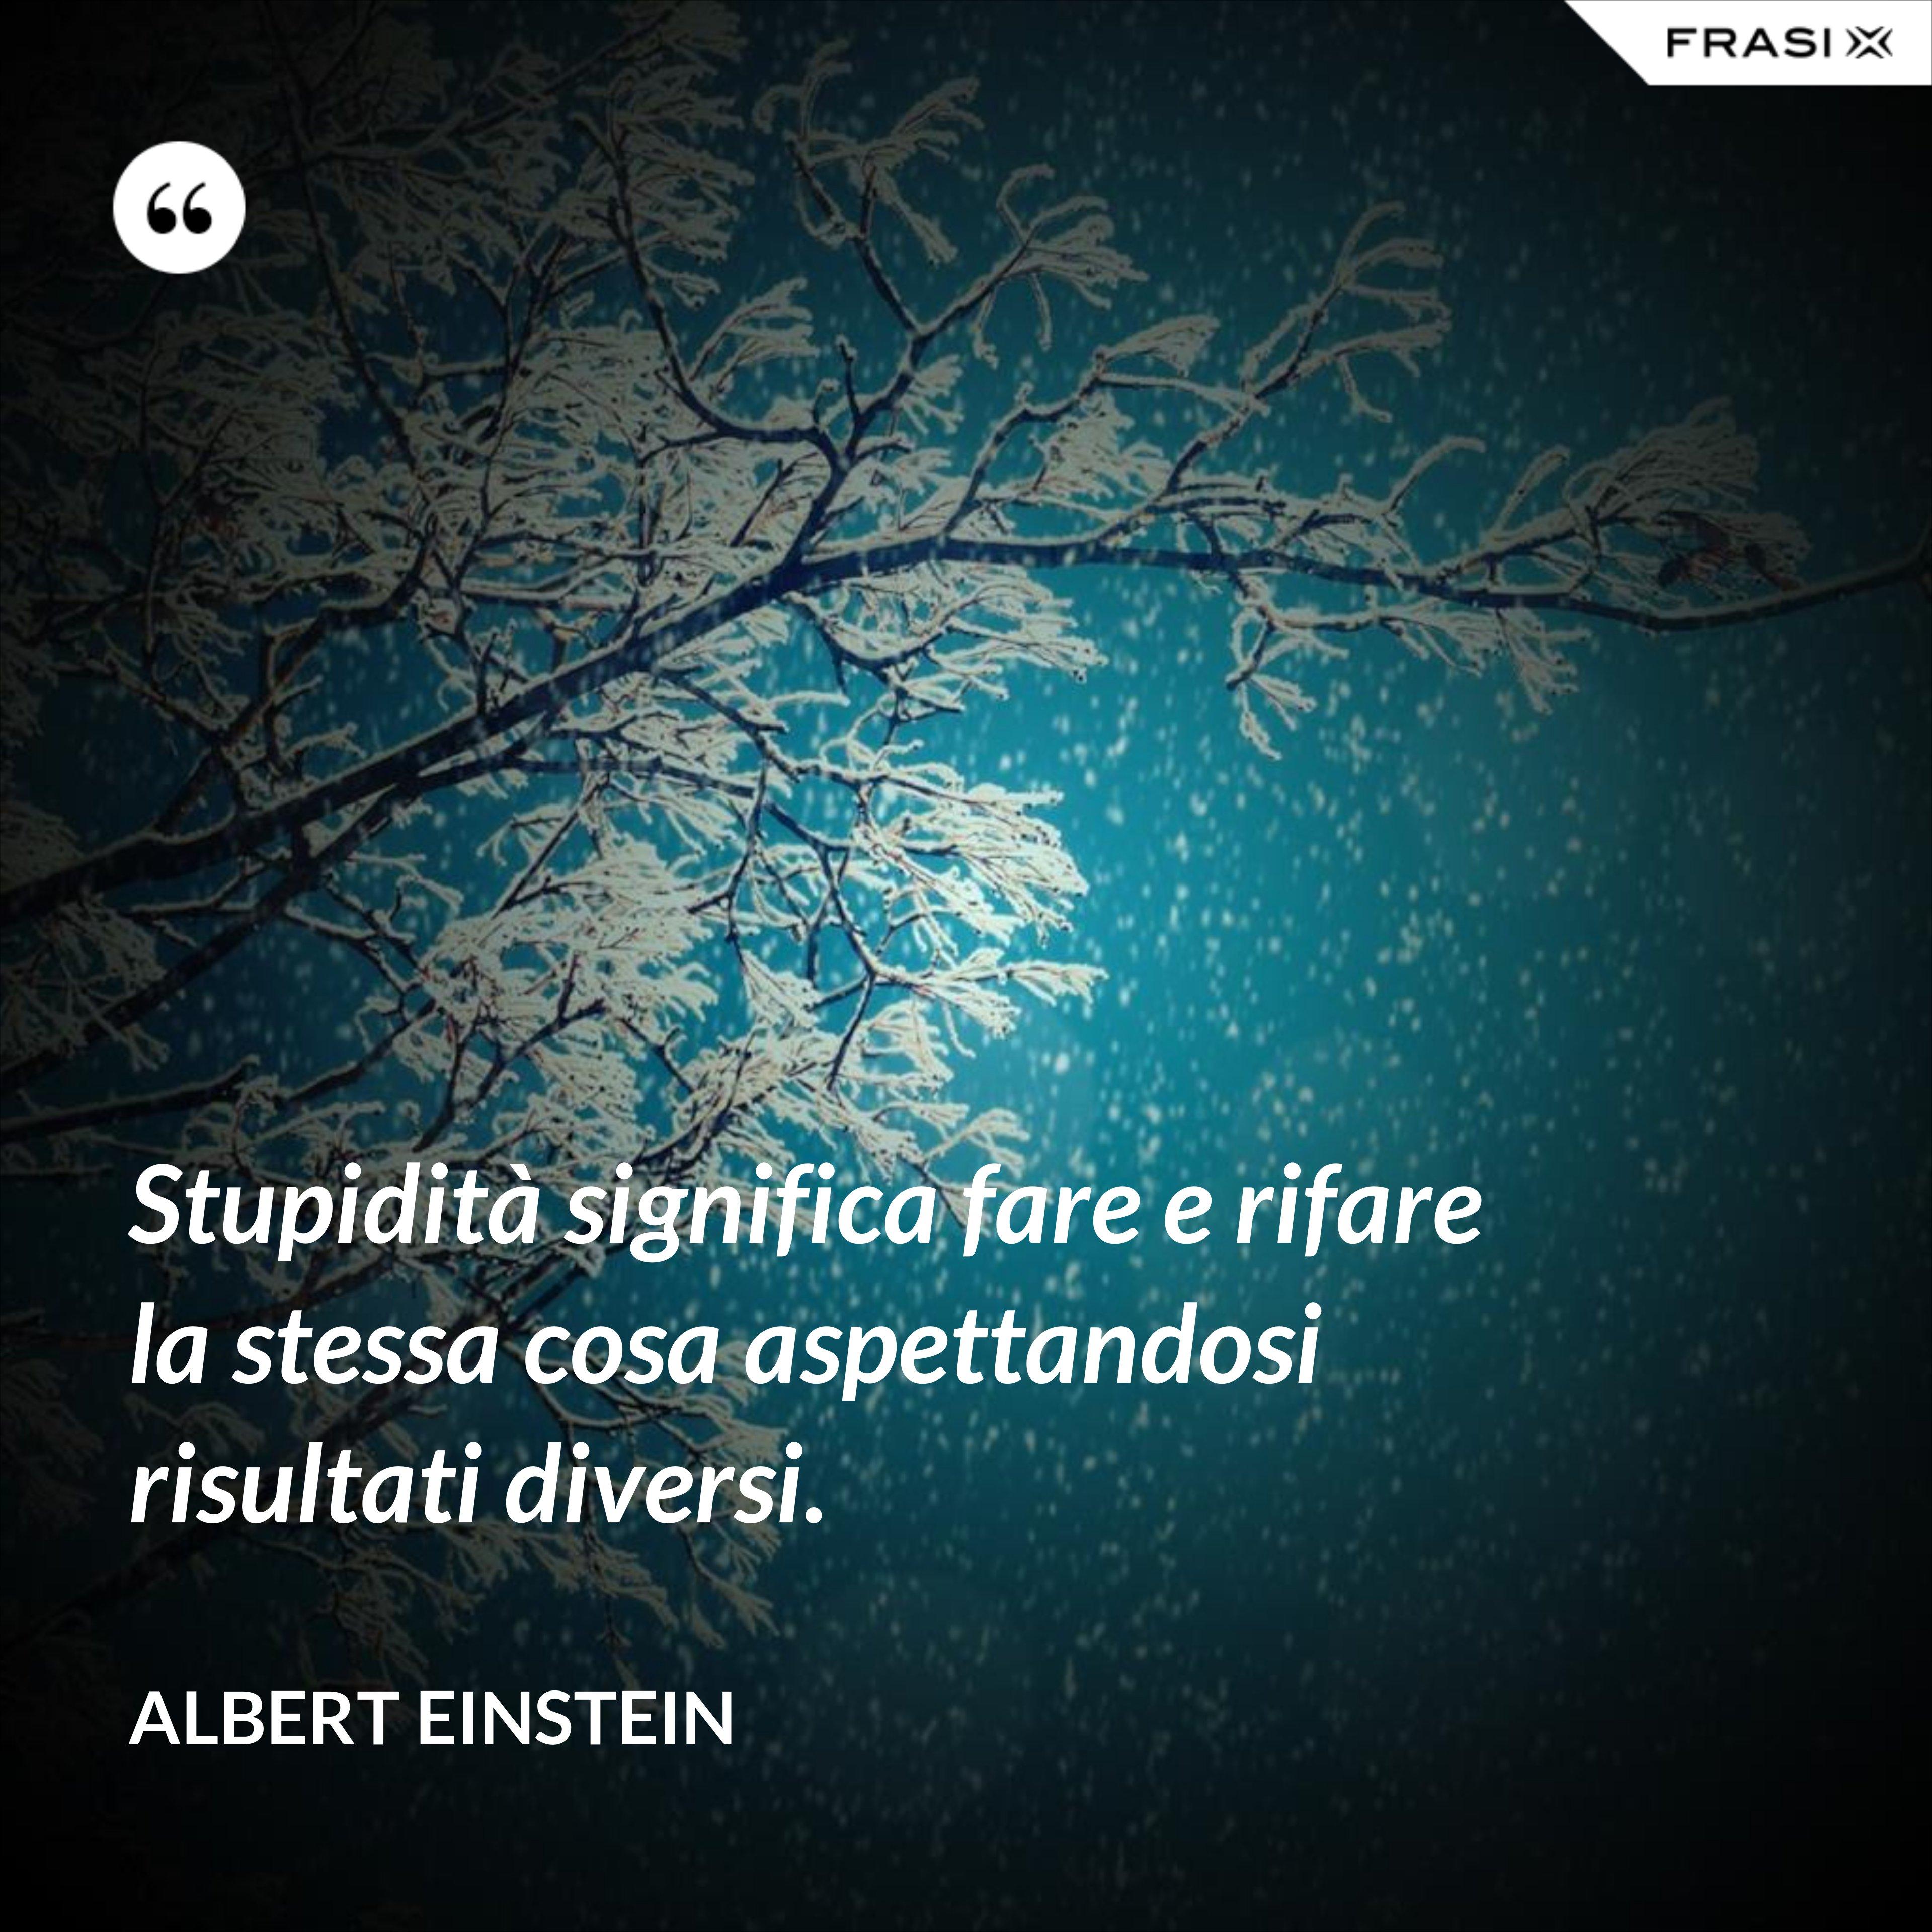 Stupidità significa fare e rifare la stessa cosa aspettandosi risultati diversi. - Albert Einstein